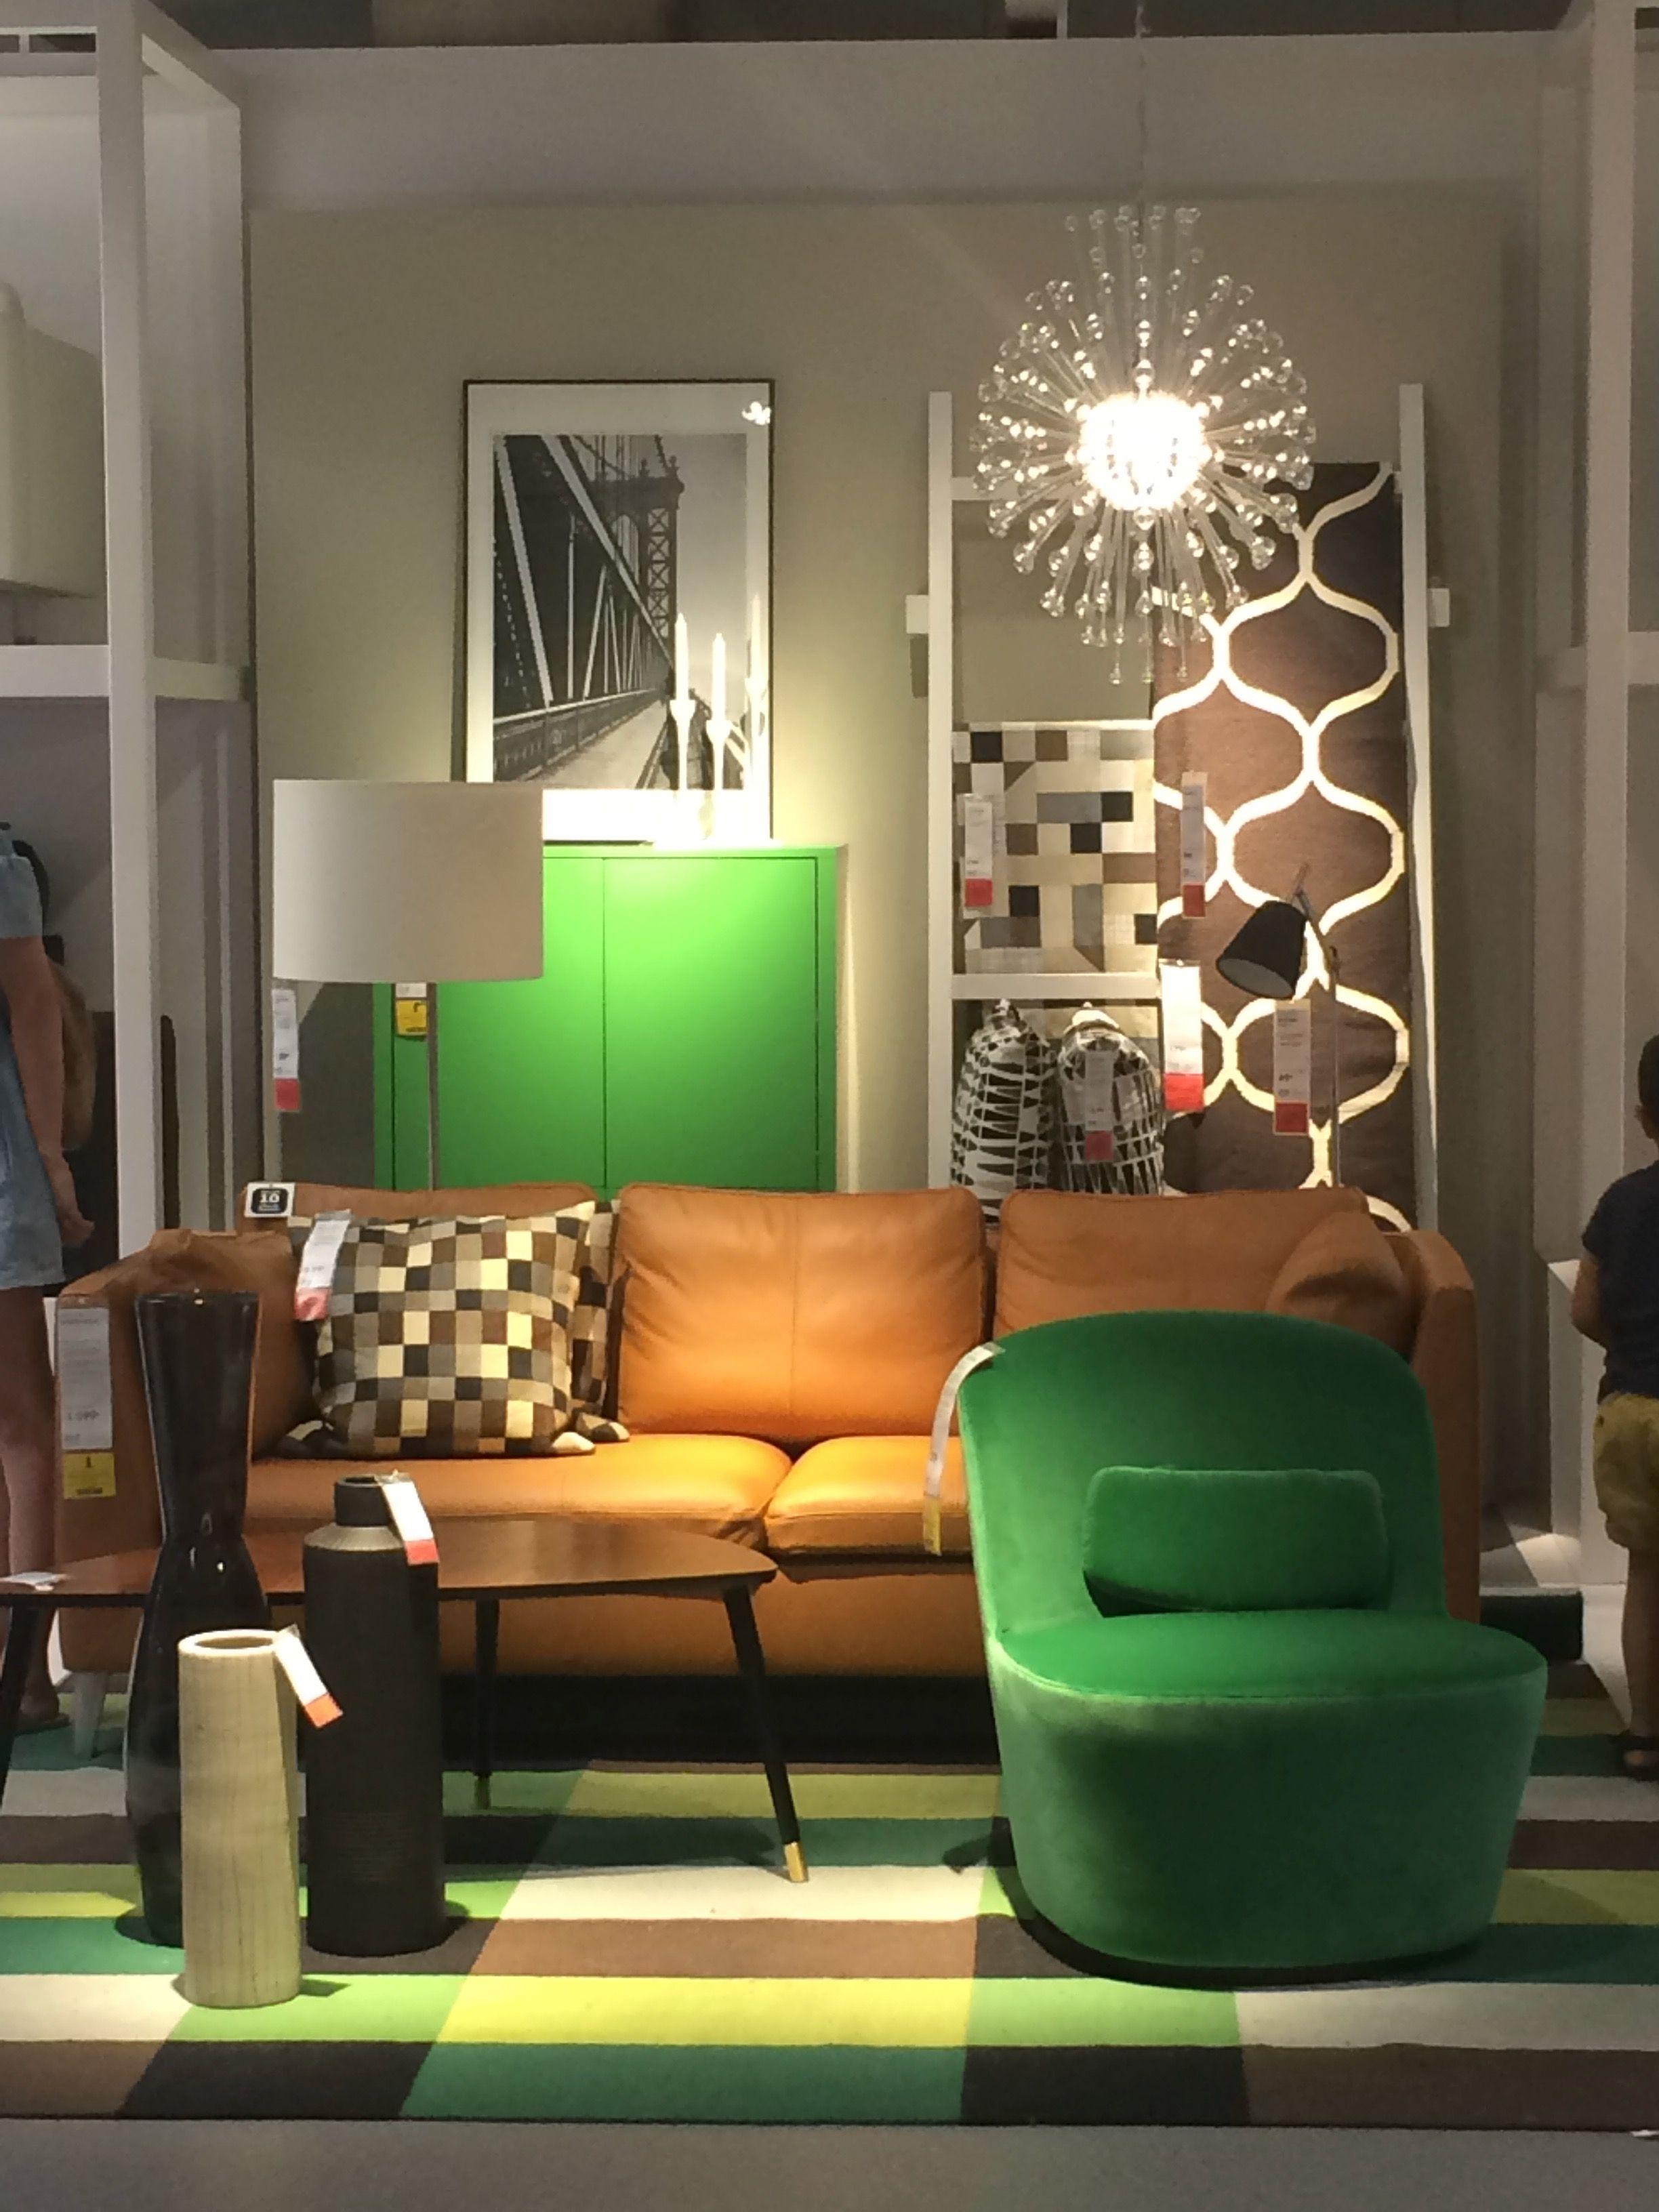 Ikea Alcorcon Spain [ 3264 x 2448 Pixel ]